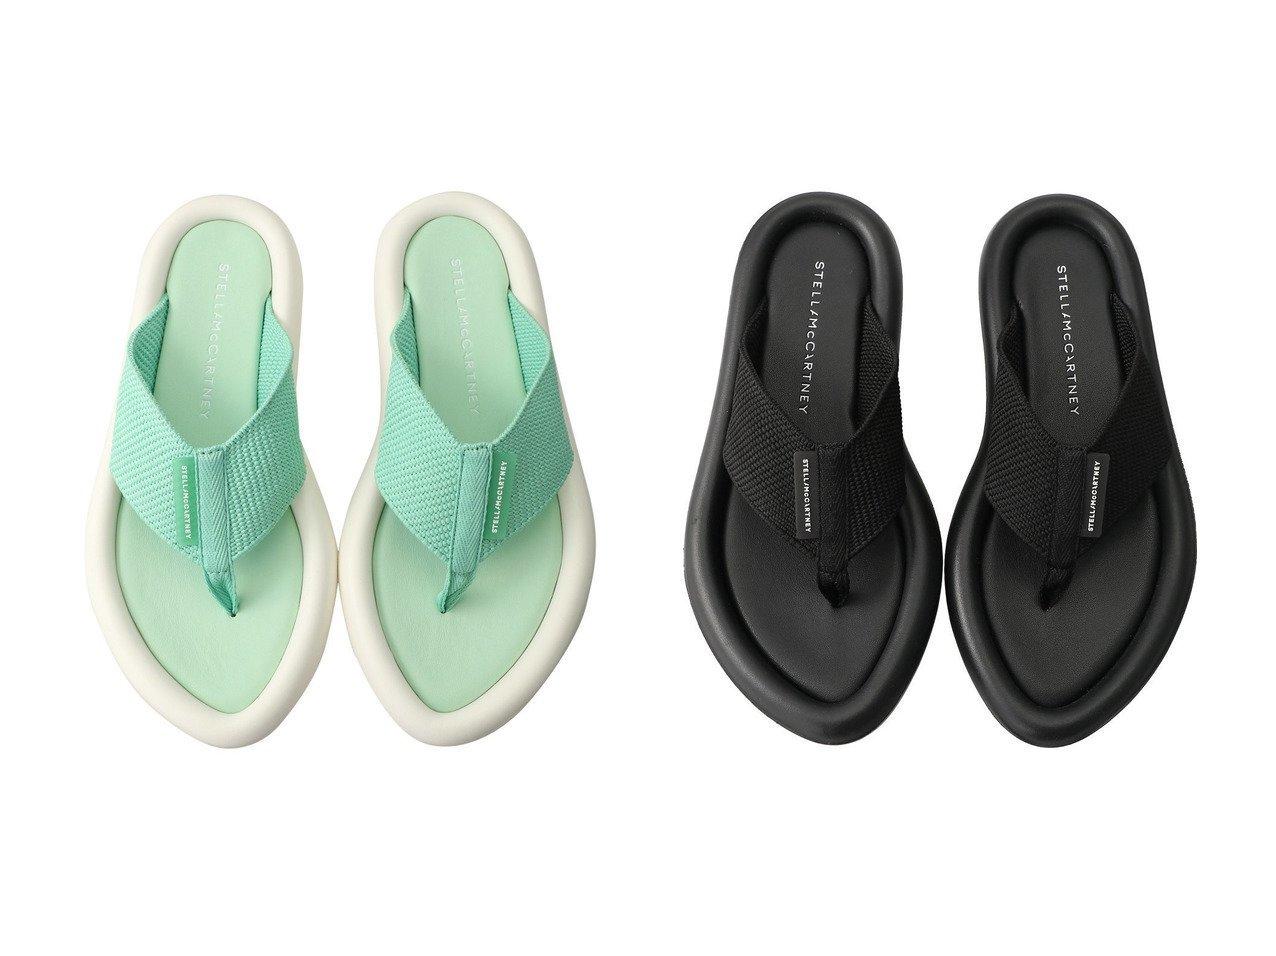 【STELLA McCARTNEY/ステラ マッカートニー】のAir Slide フリップフロップ 【シューズ・靴】おすすめ!人気、トレンド・レディースファッションの通販 おすすめで人気の流行・トレンド、ファッションの通販商品 インテリア・家具・メンズファッション・キッズファッション・レディースファッション・服の通販 founy(ファニー) https://founy.com/ ファッション Fashion レディースファッション WOMEN グラフィック サンダル トラベル ビーチ フィット リゾート 今季 |ID:crp329100000040305